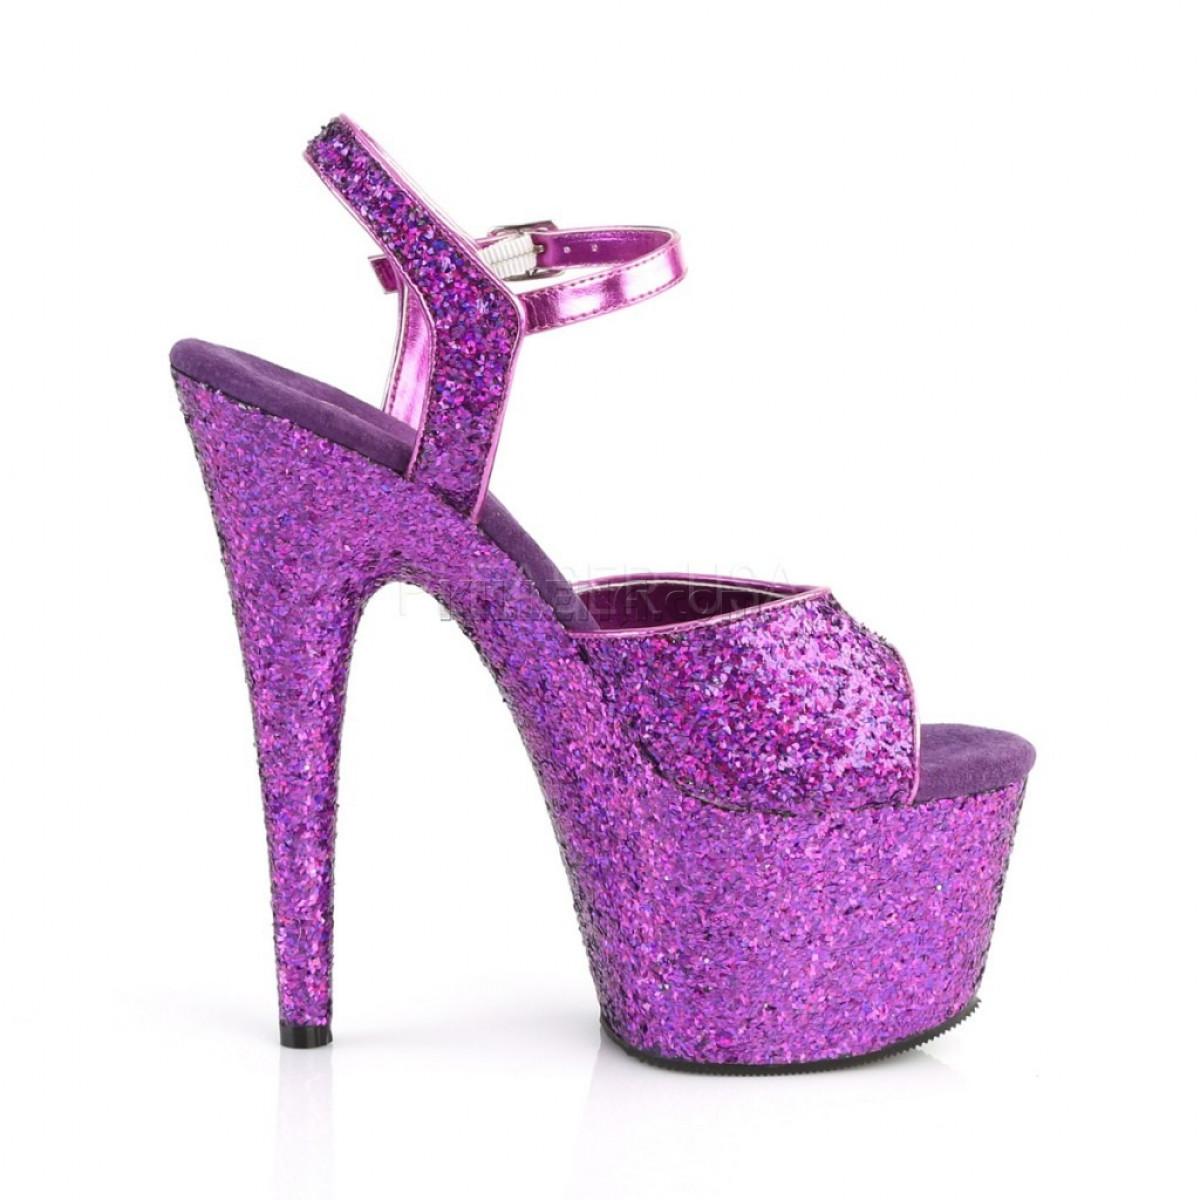 Яркие фиолетовые стрипы полностью покрыты глиттером